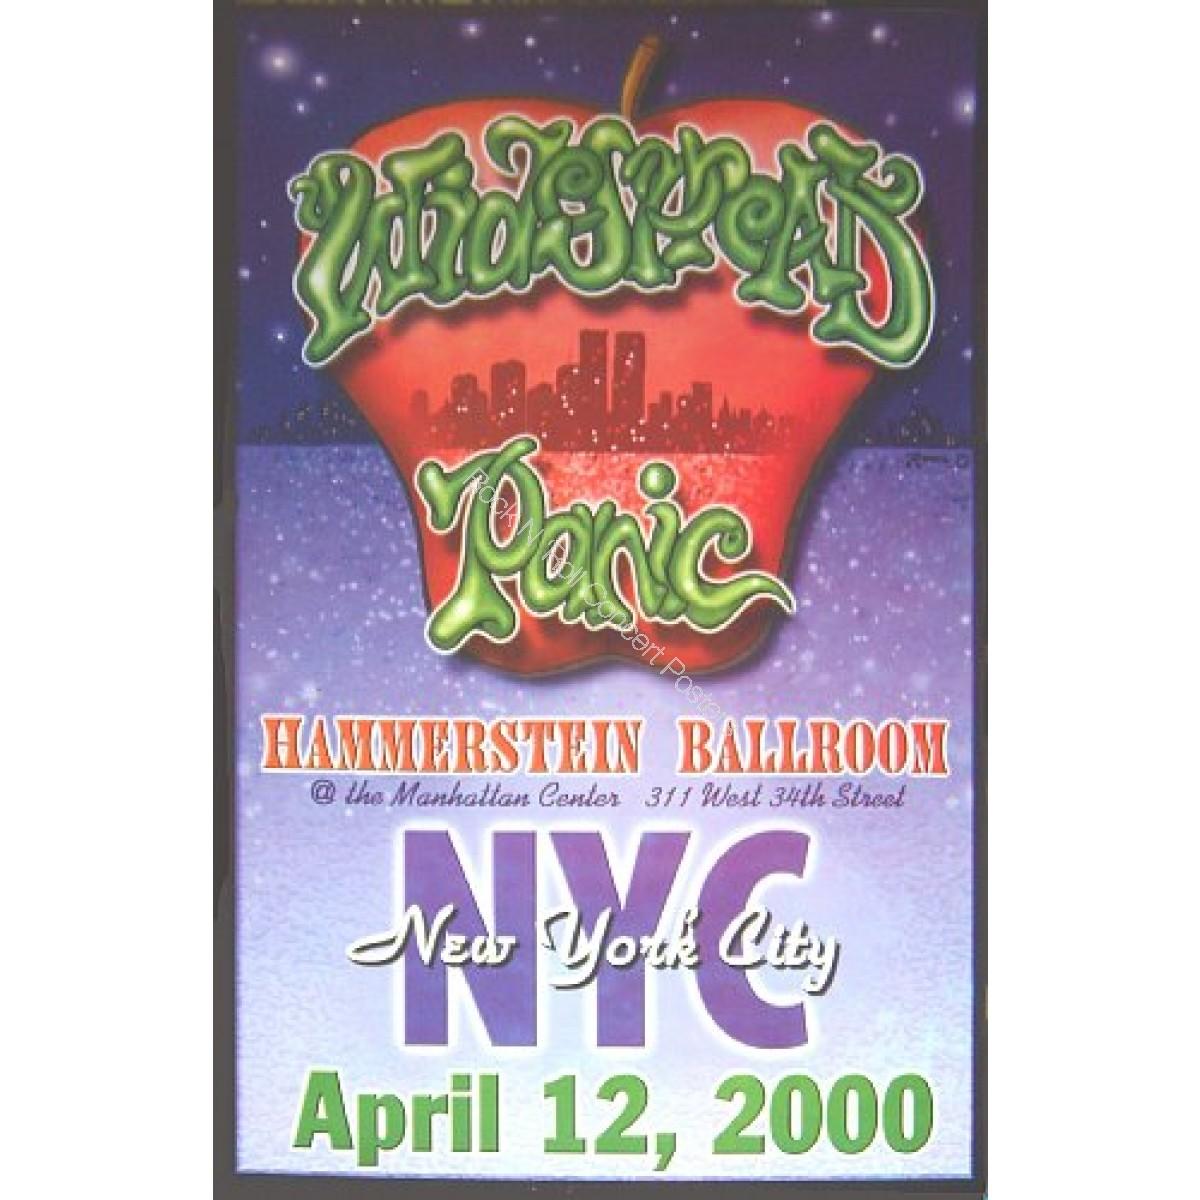 Widespead Panic @ The Hammerstein Ballroom 4/12/00